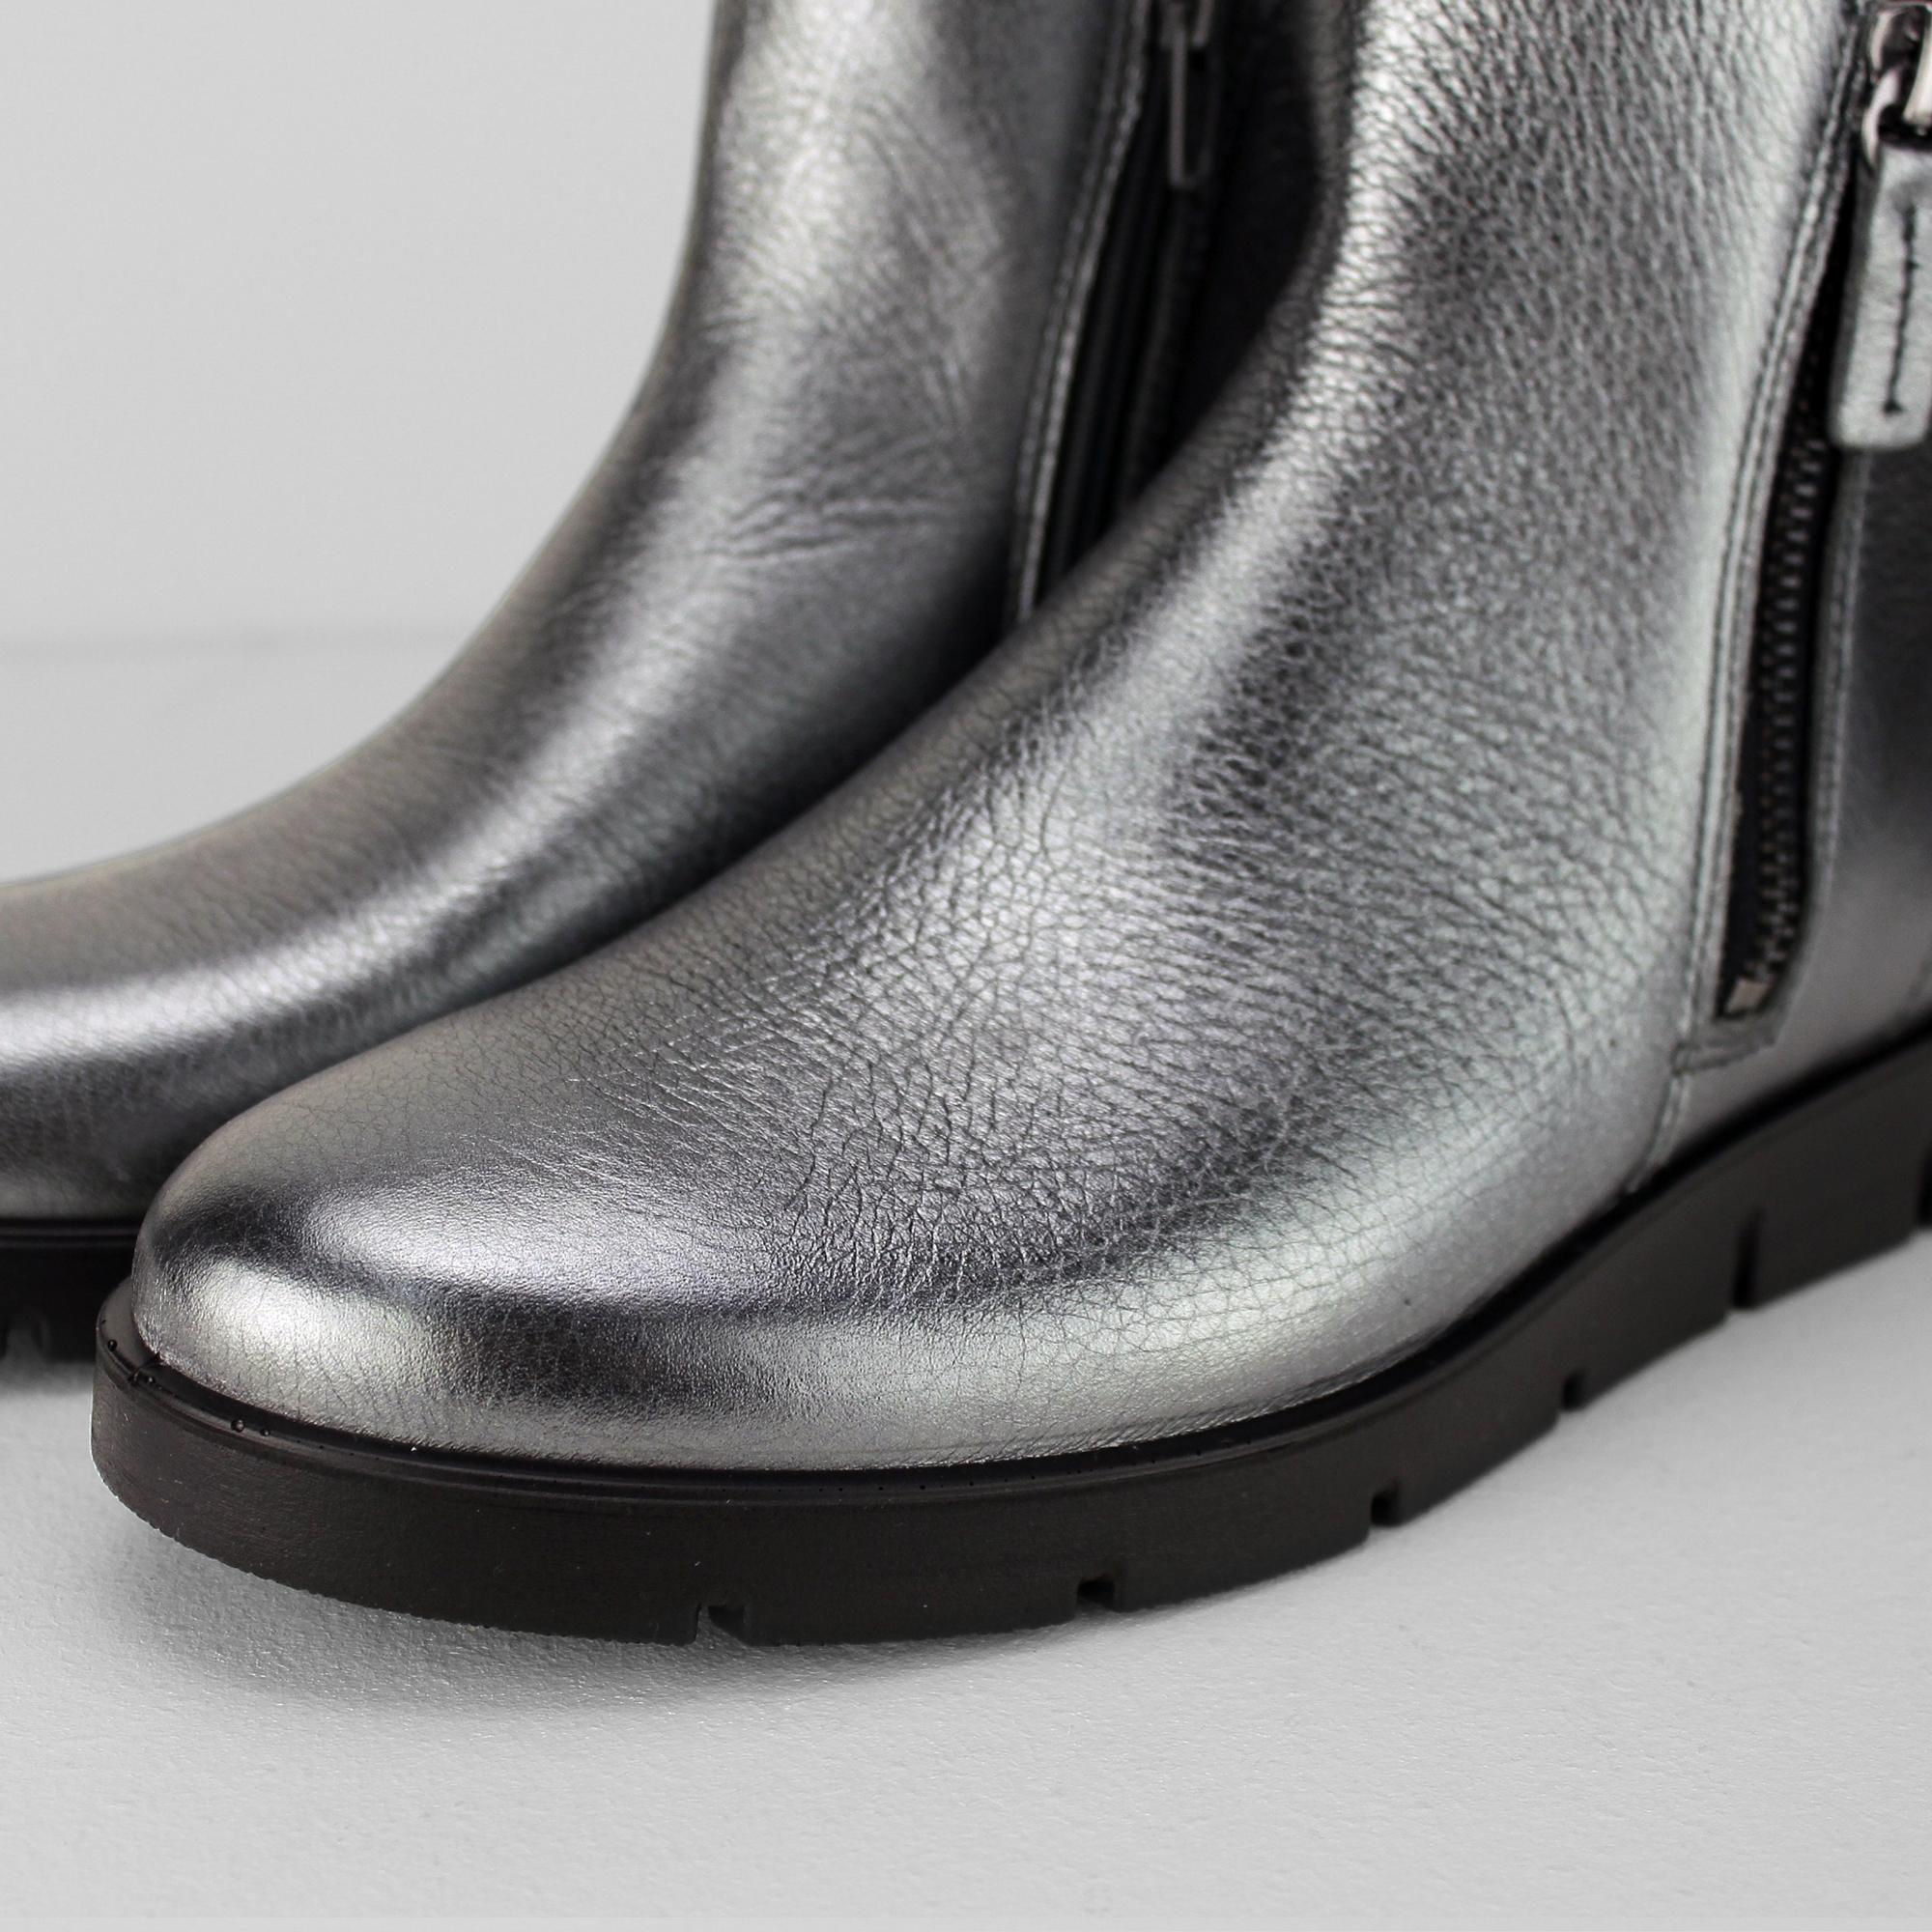 ecco bella botte mesdames wo  scintillant des des des bottines en cuir métallique   Les Clients D'abord  d0f23c